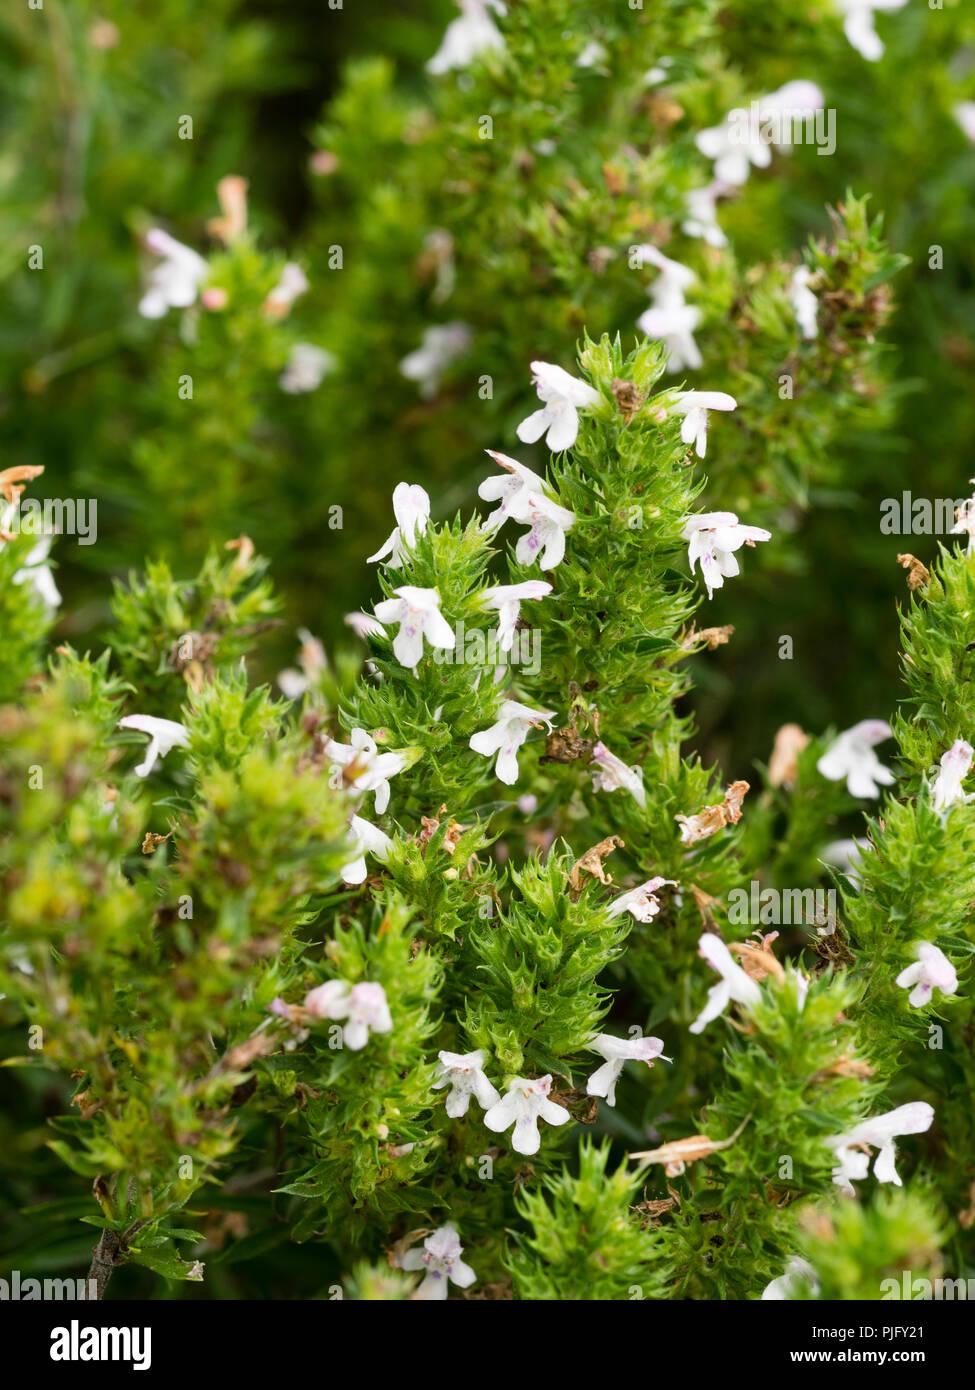 Weiße Blumen unter den semi-Evergreen Wachstum der immerwährenden Winter-bohnenkraut Kraut, satureja Montana Stockbild